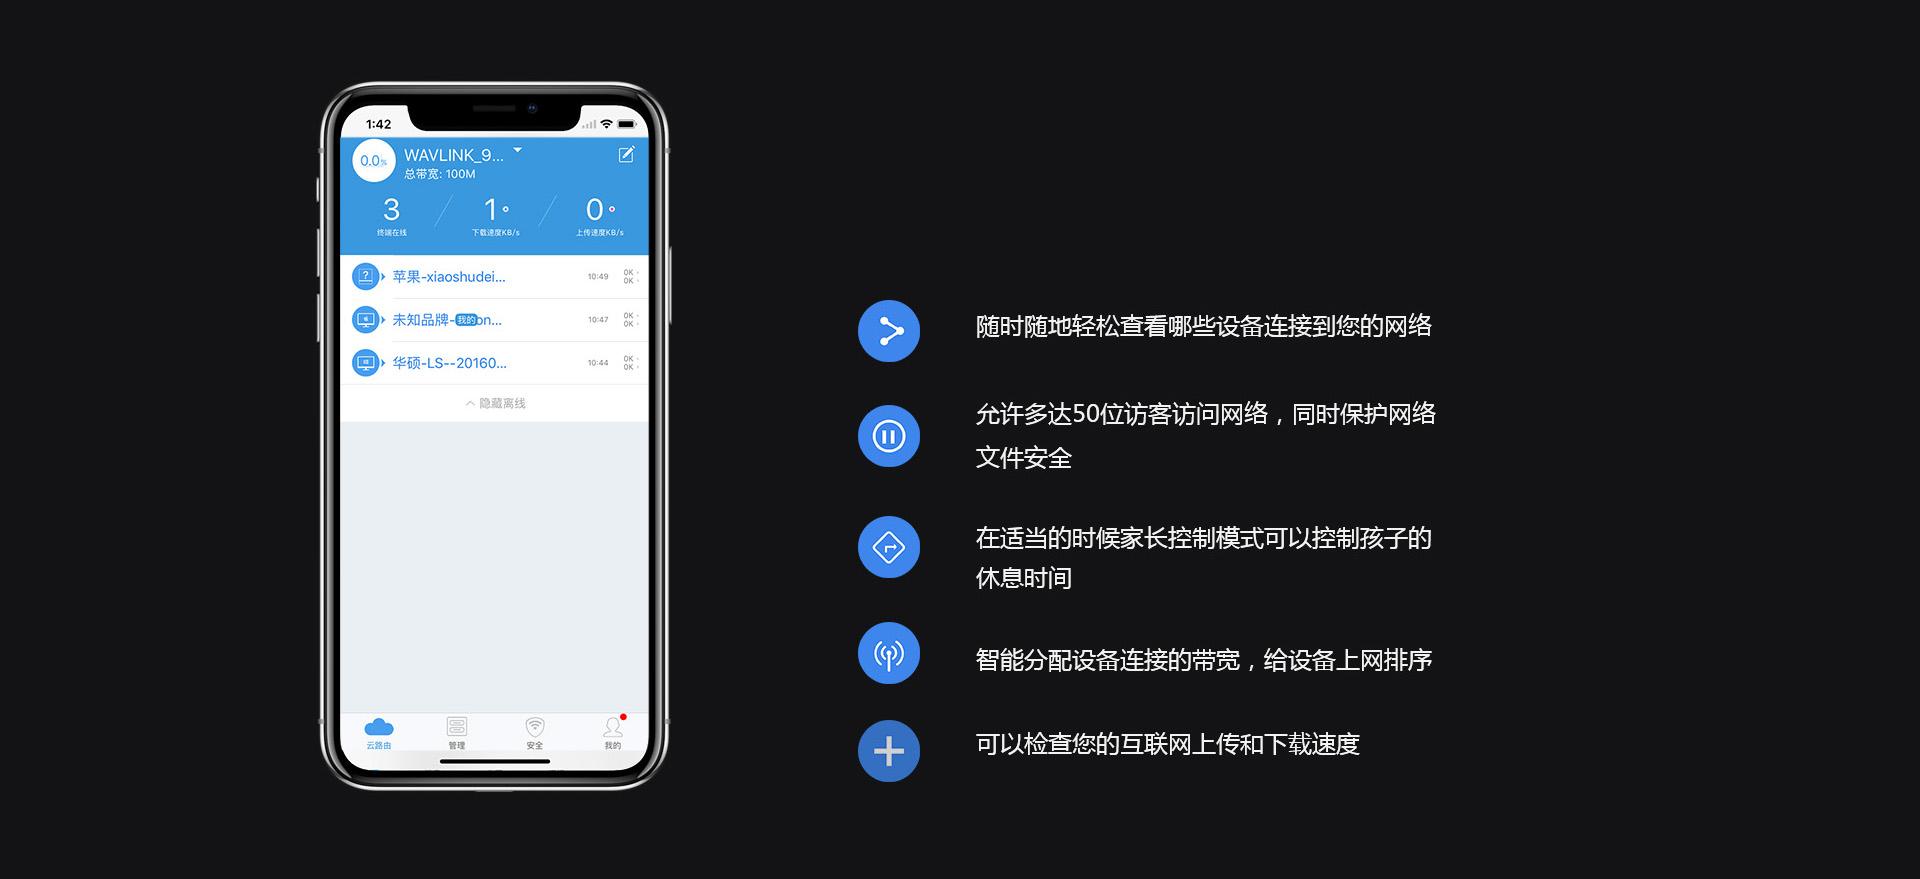 手机APP智能高效管理